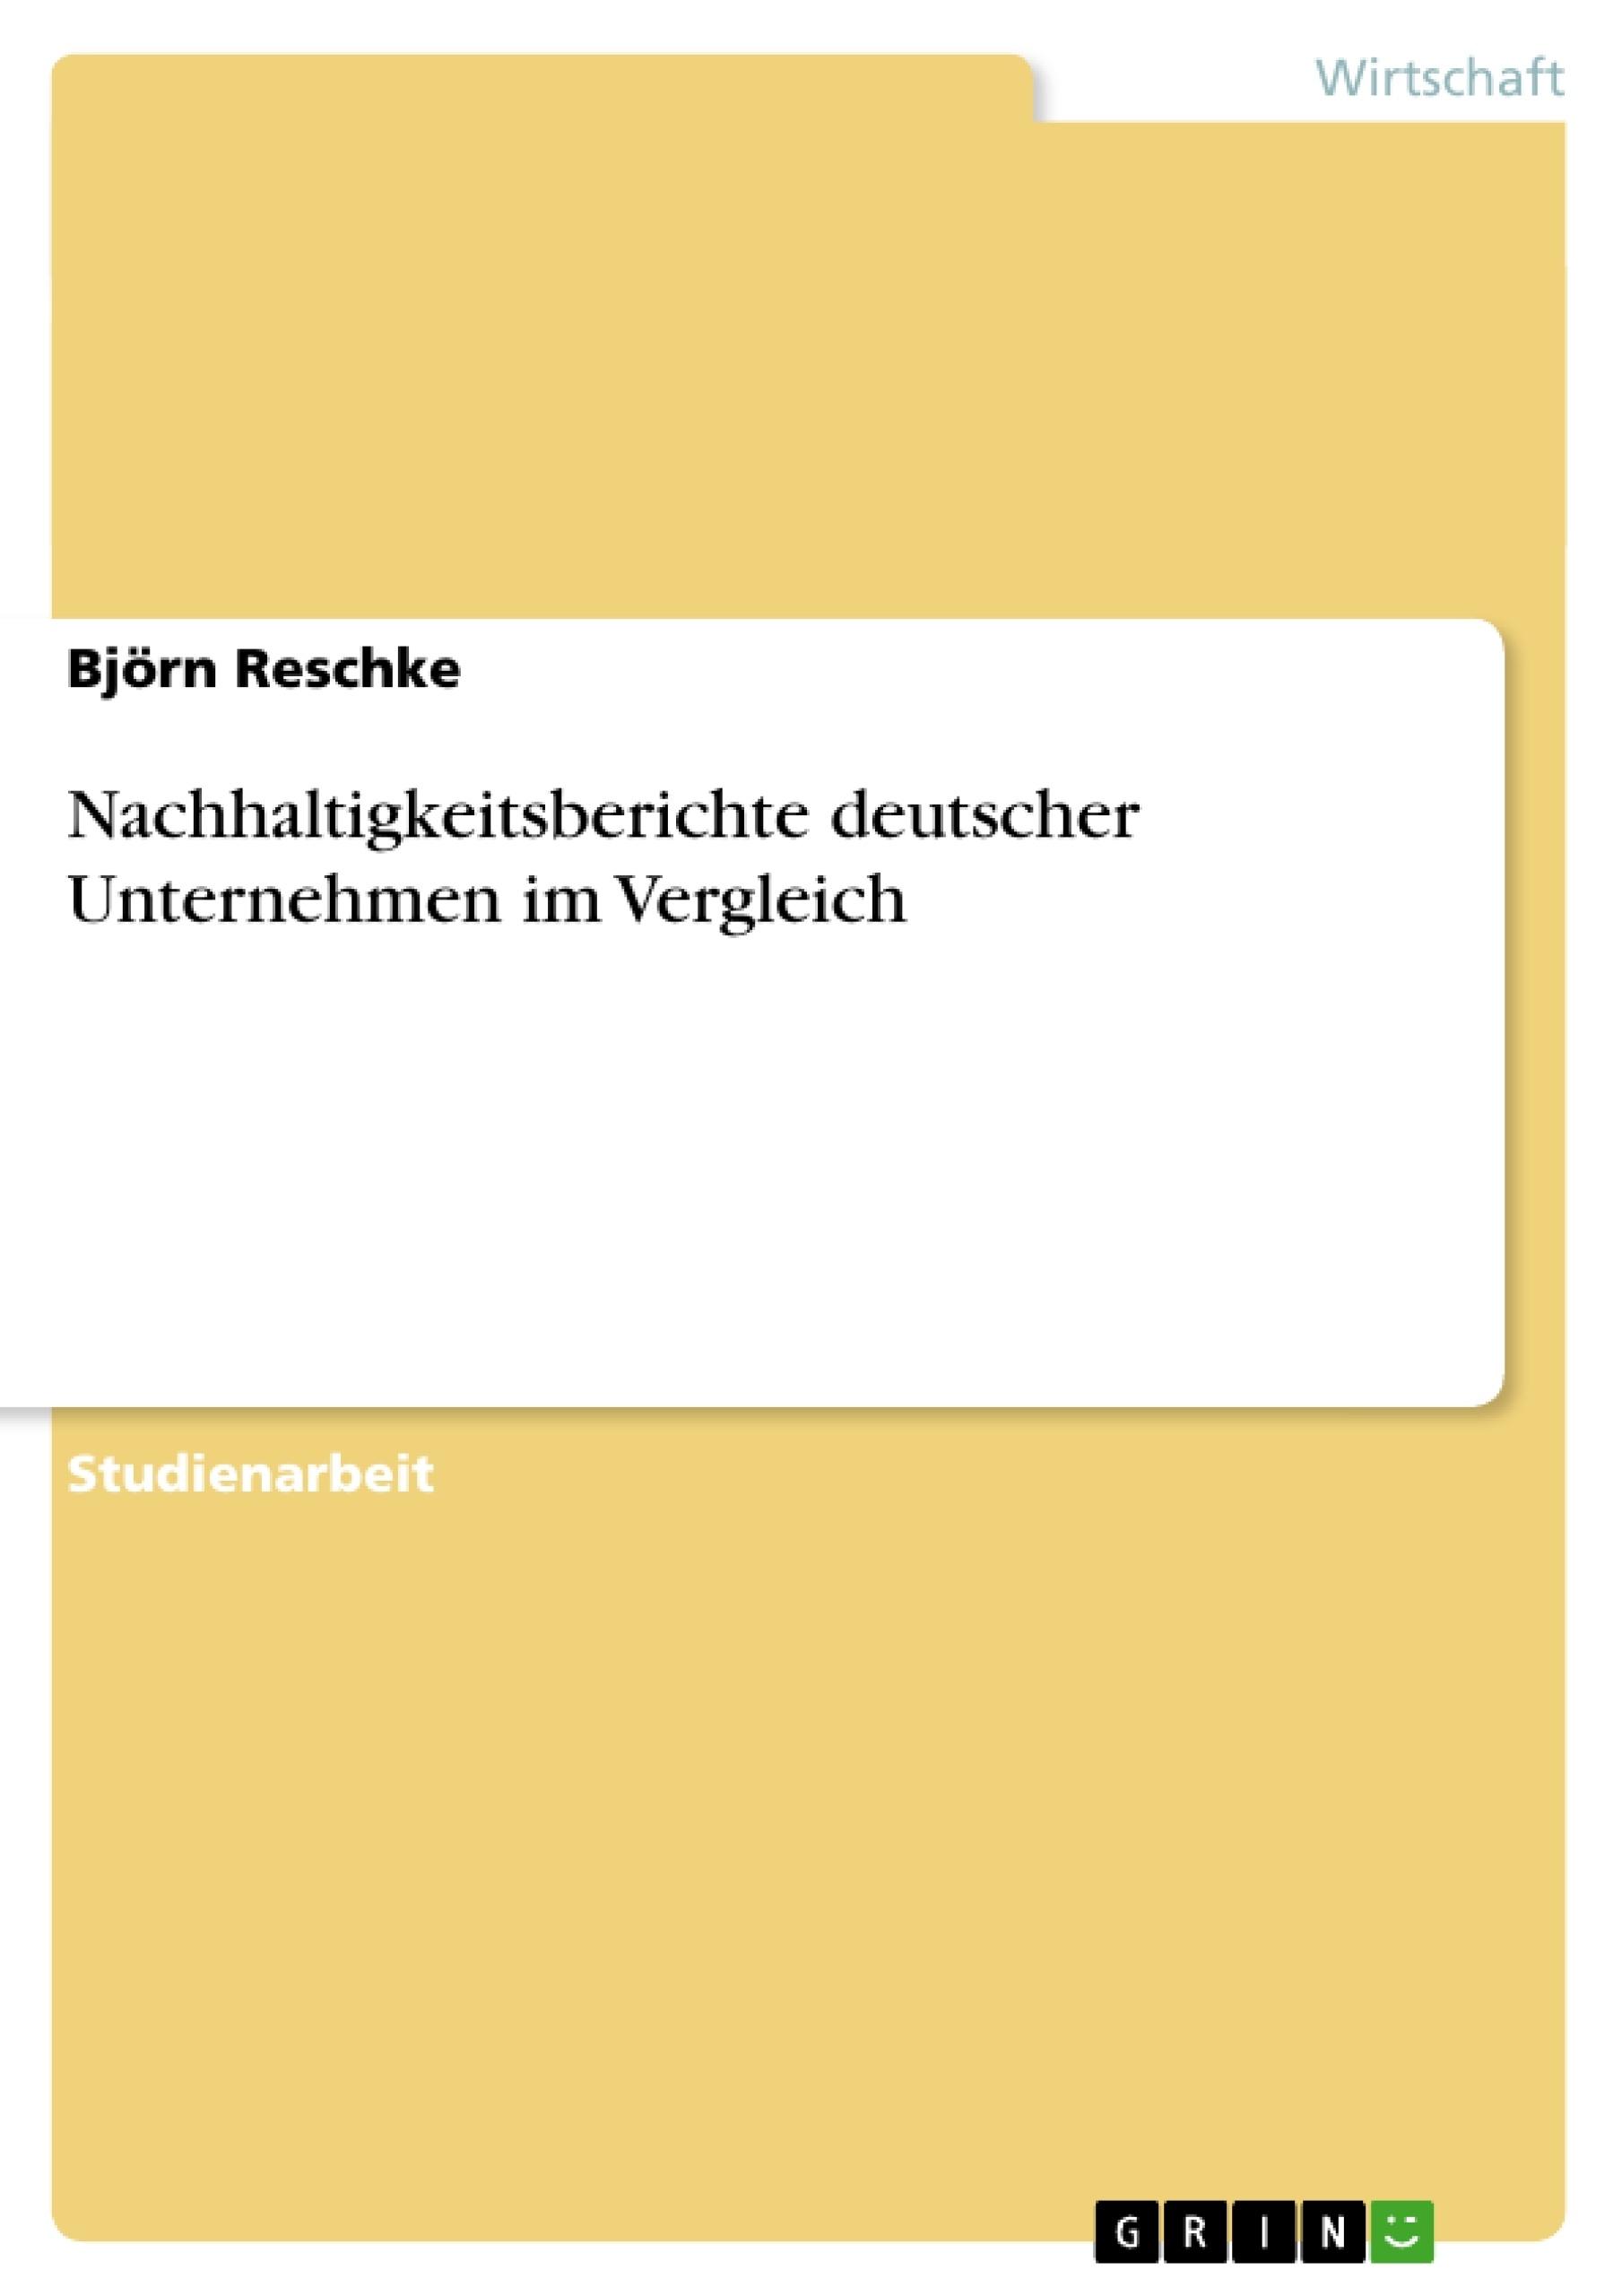 Titel: Nachhaltigkeitsberichte deutscher Unternehmen im Vergleich